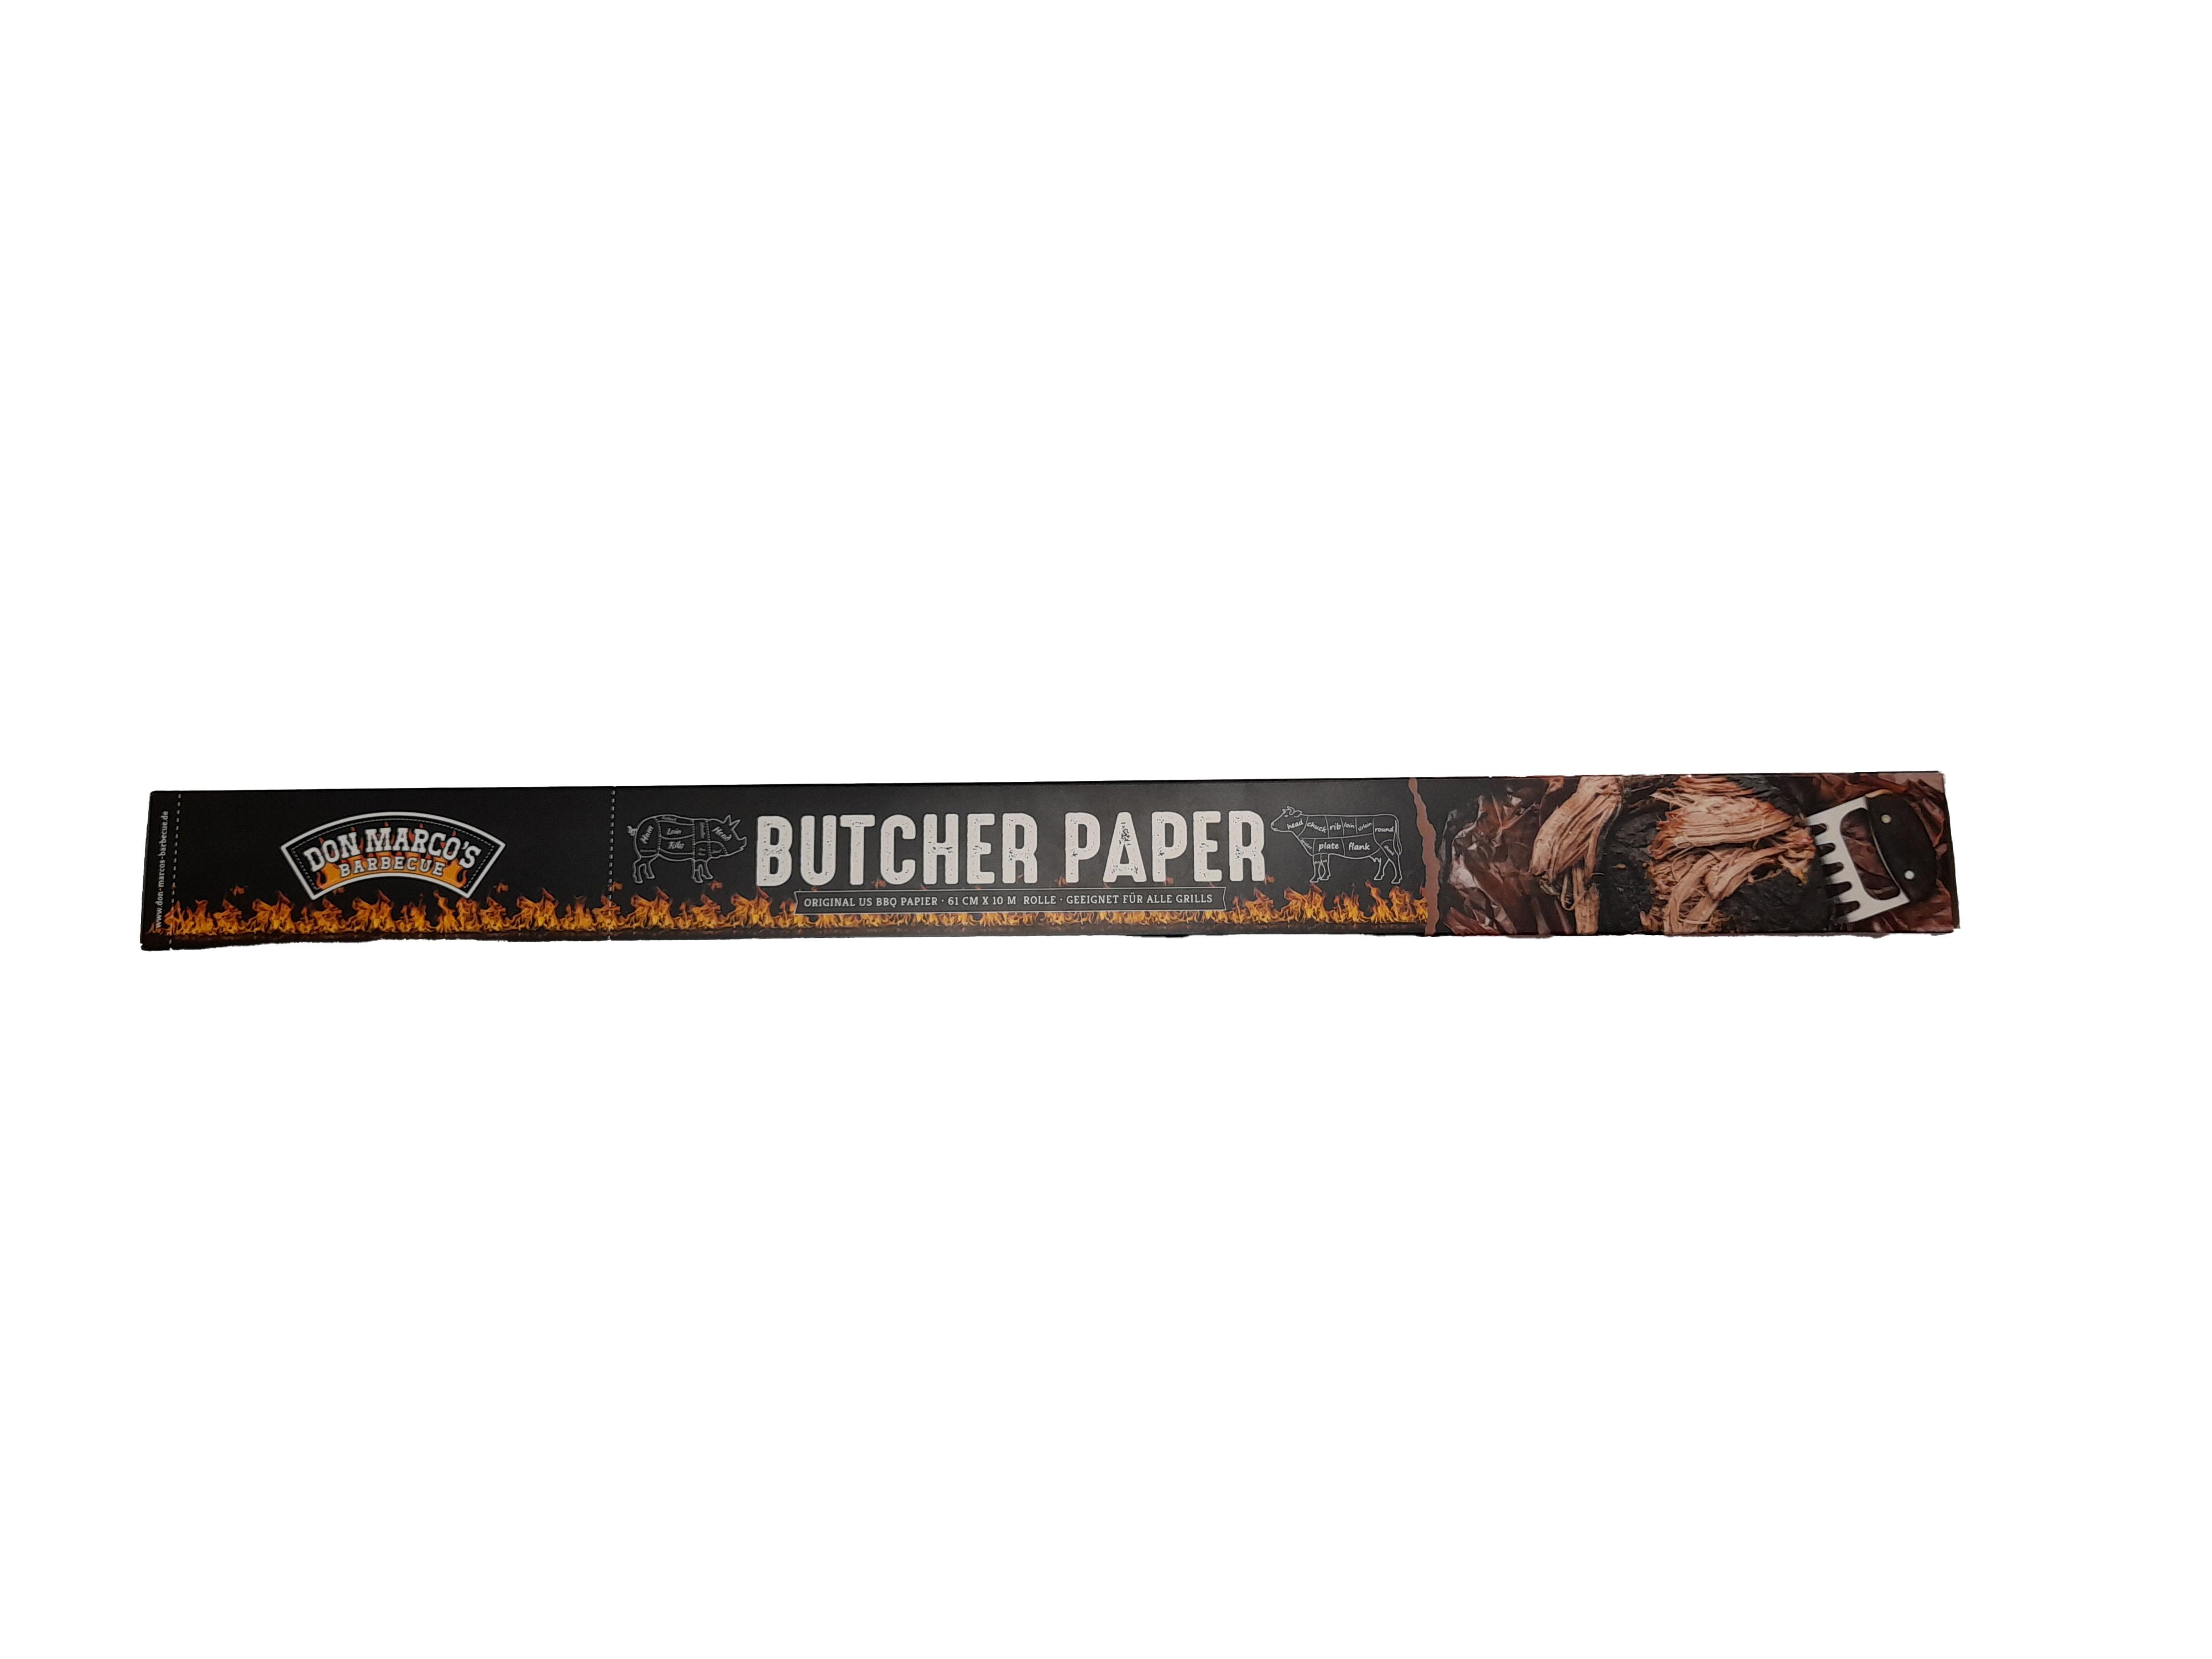 Don Marco's Original US Butcher Paper, Rolle 61cm x 10m